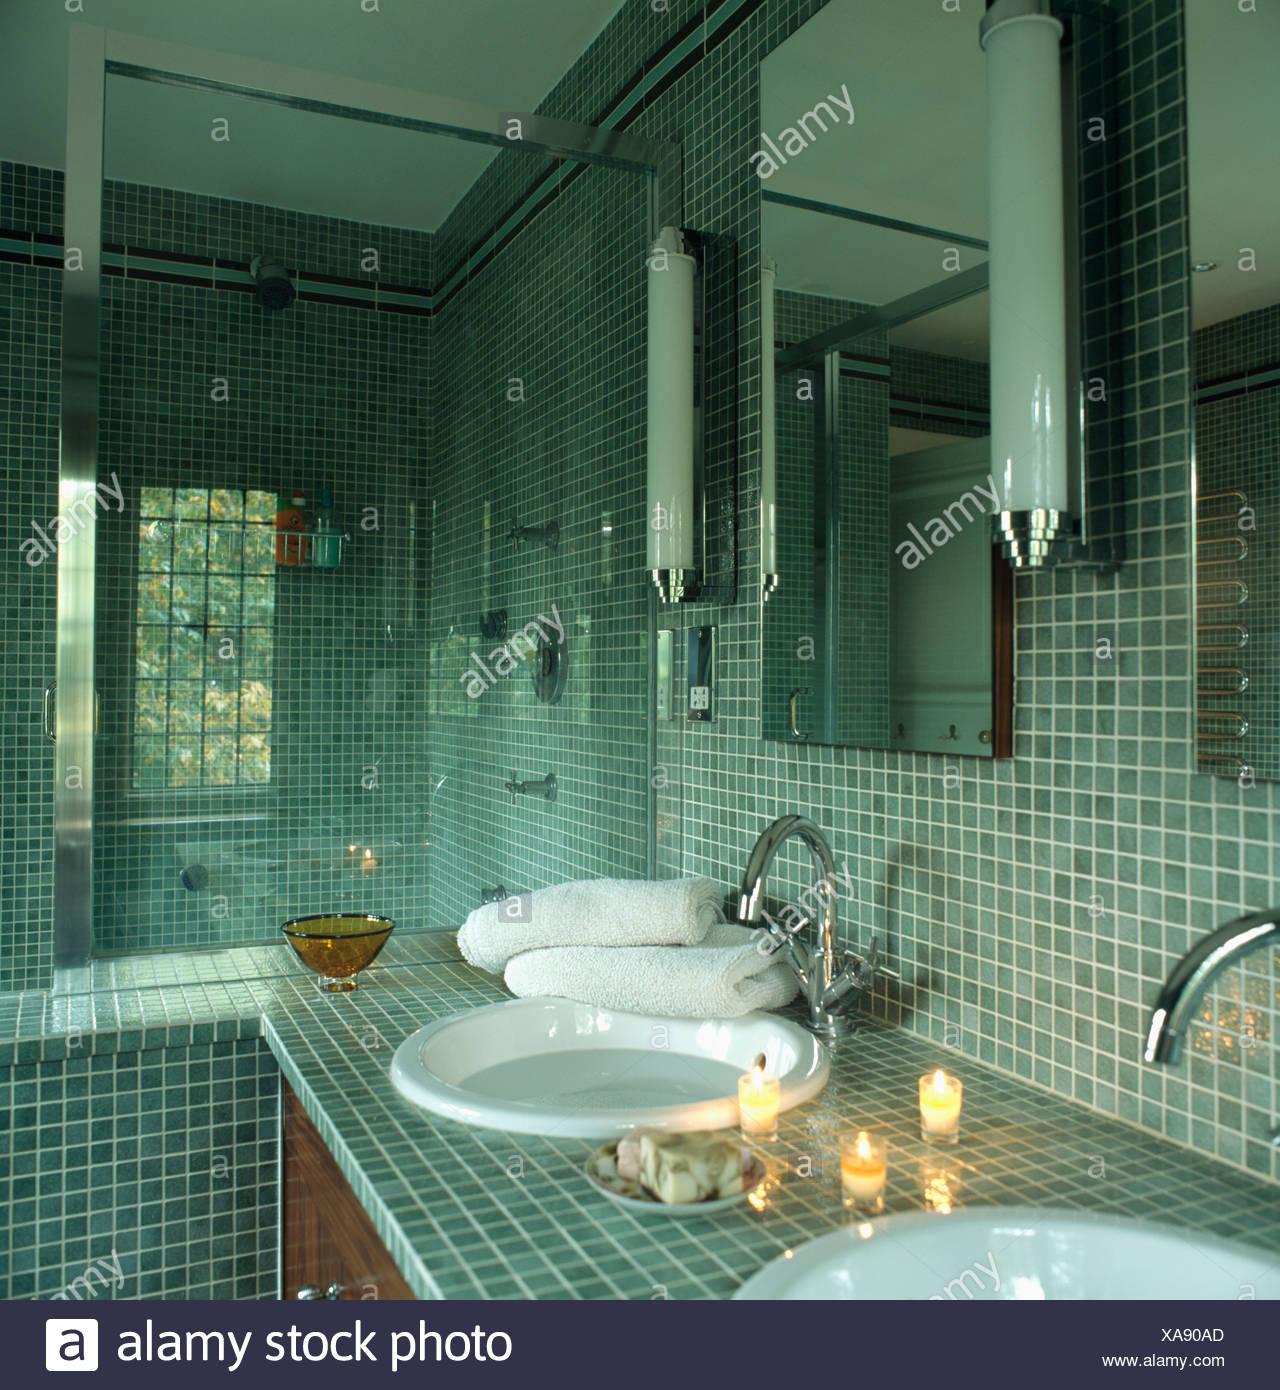 Modernes Mosaik gefliesten Badezimmer mit brennenden Kerzen ...